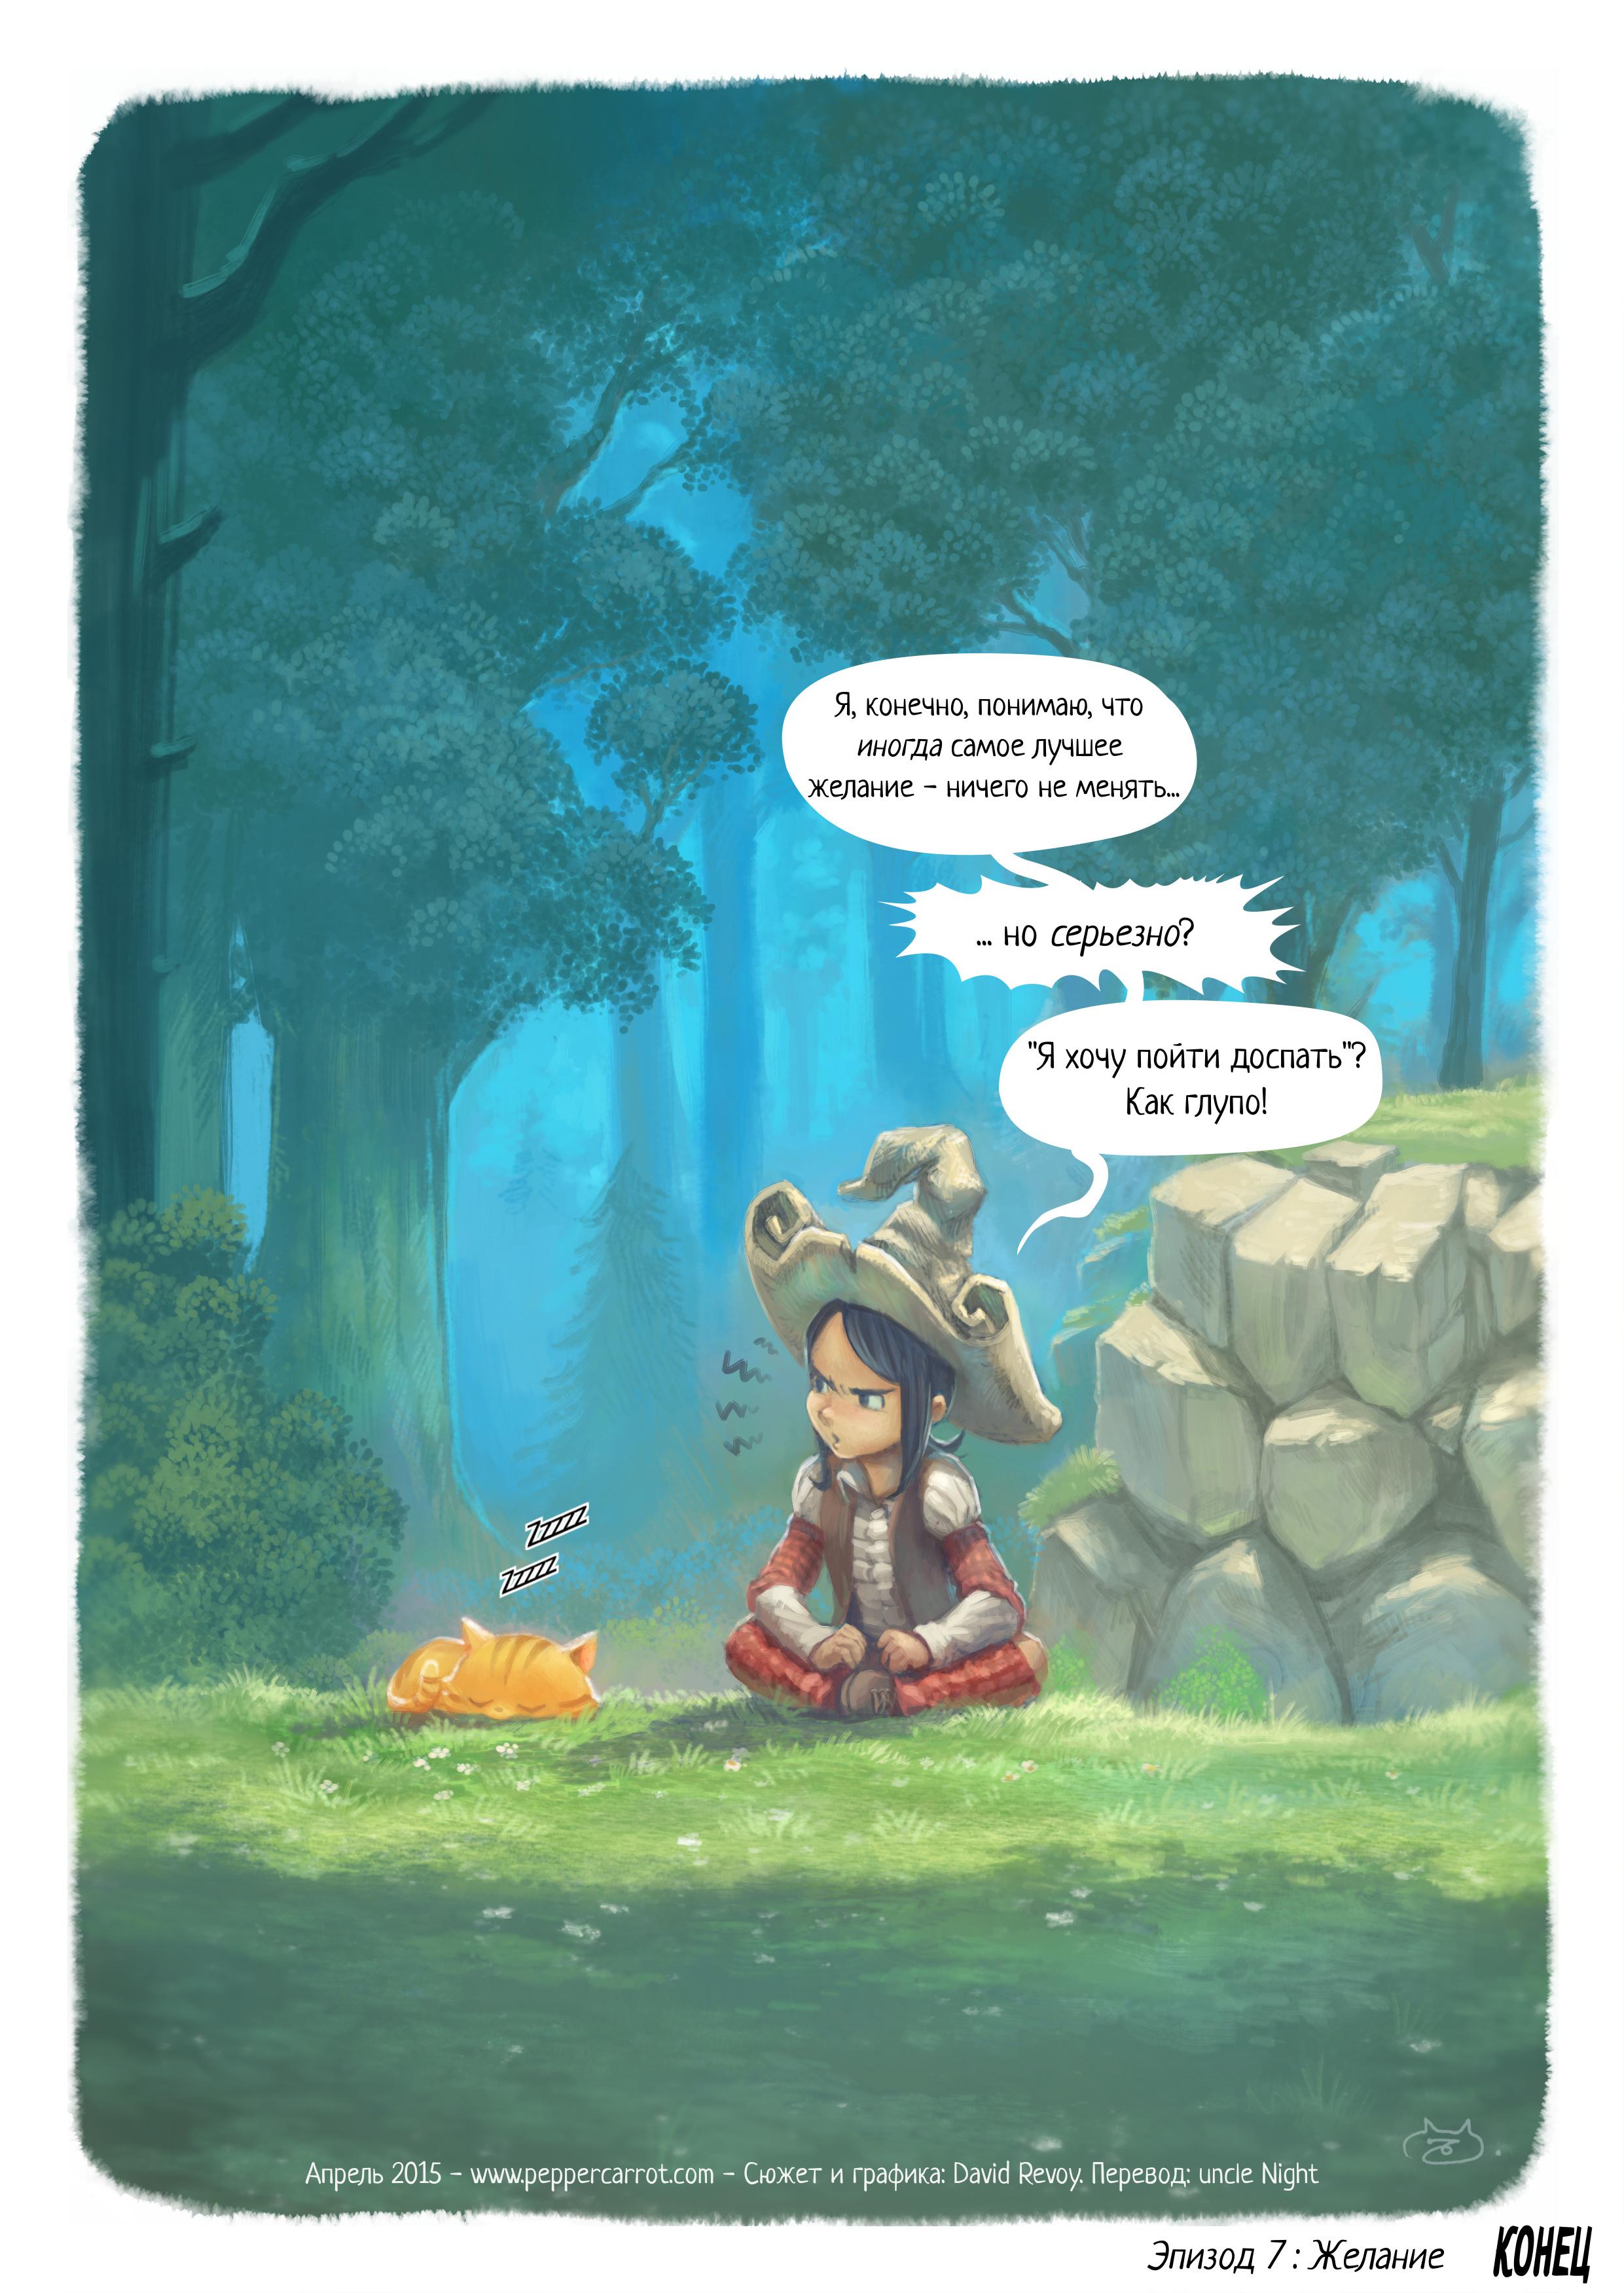 Эпизод 7: Желание, Page 5